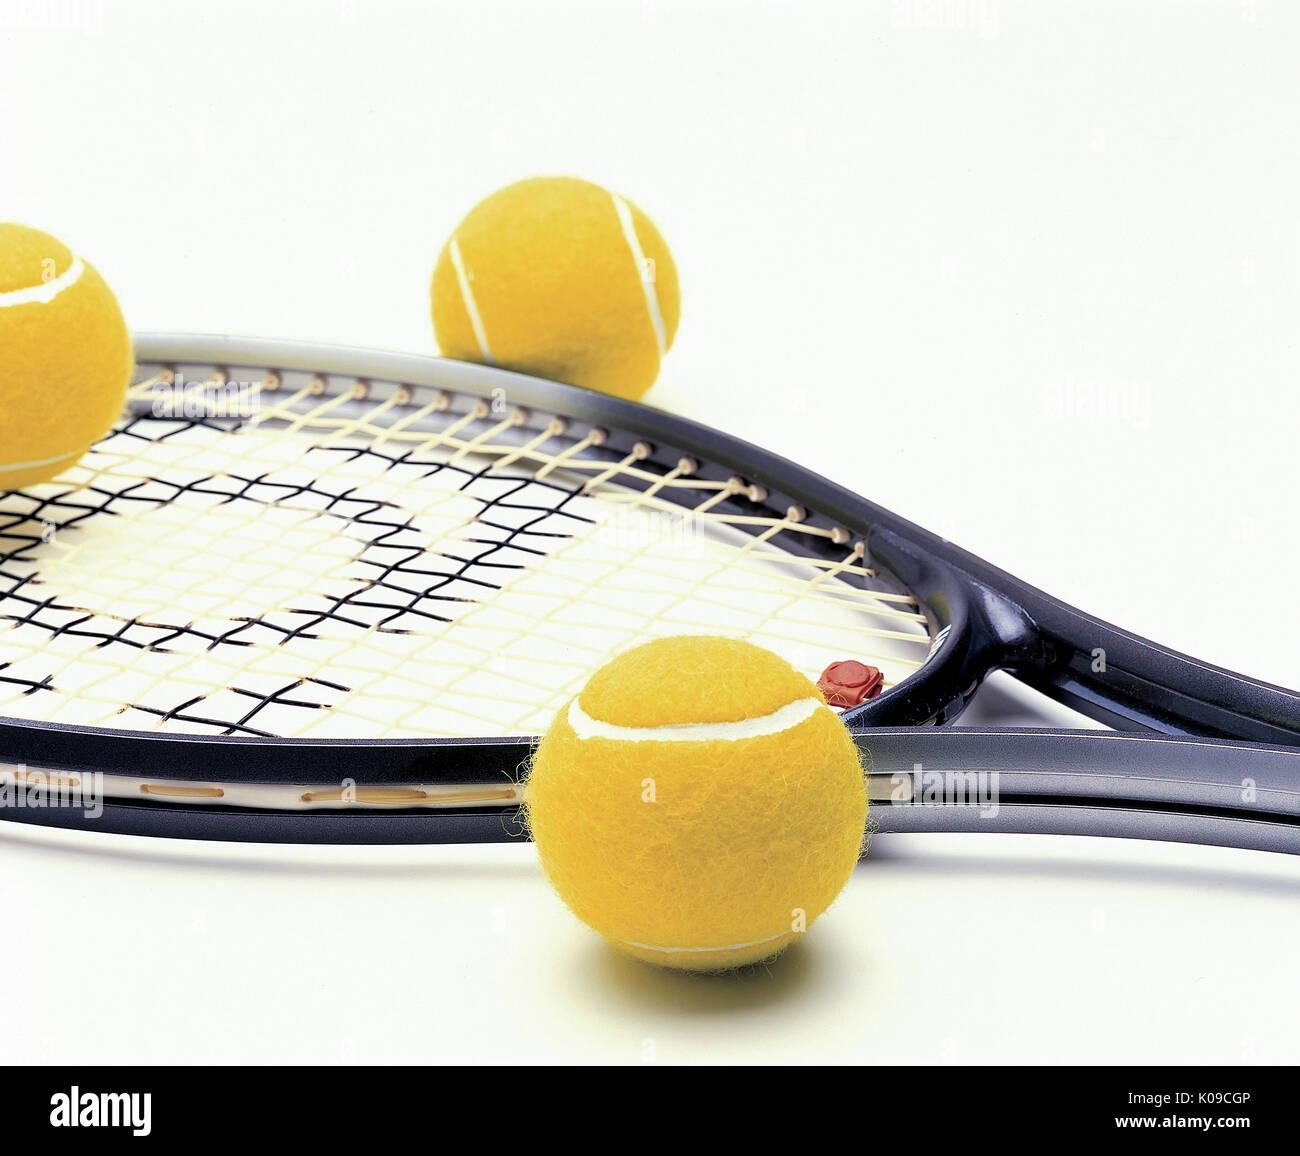 Raquettes de tennis et balles de tennis jaune Photo Stock